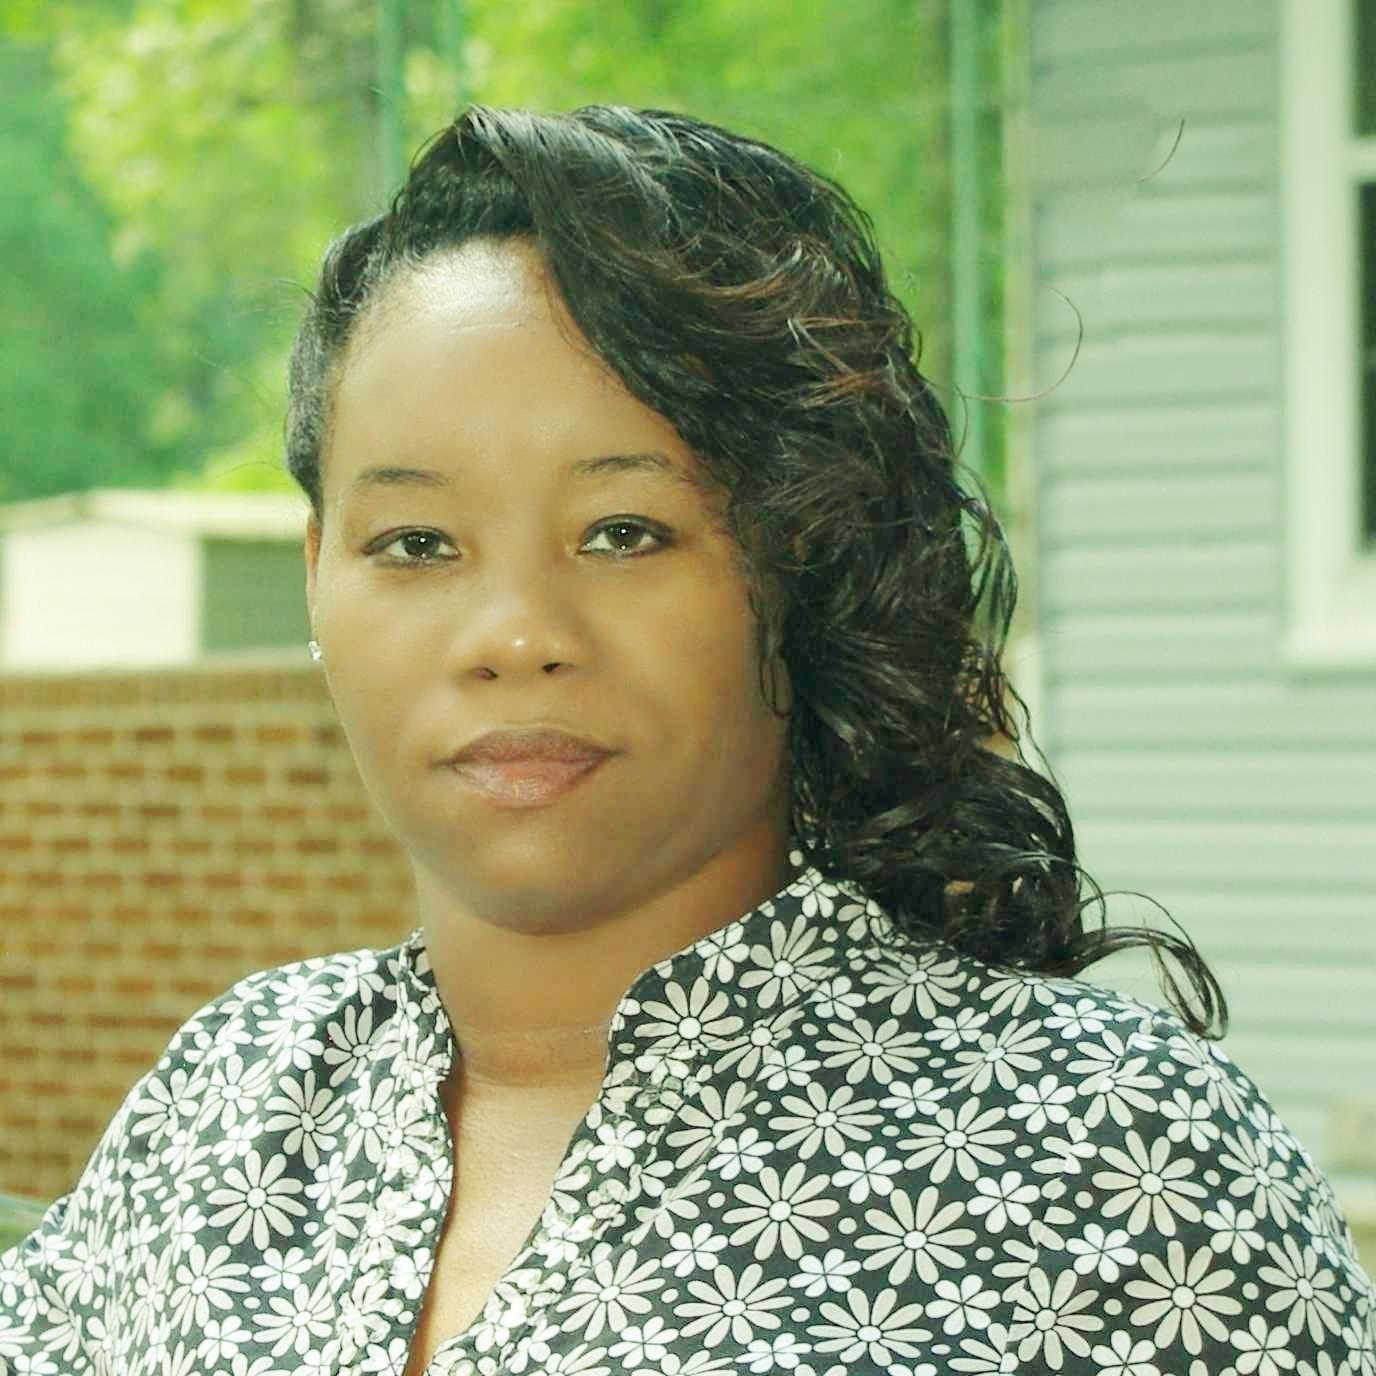 Evangelist Angela Weir